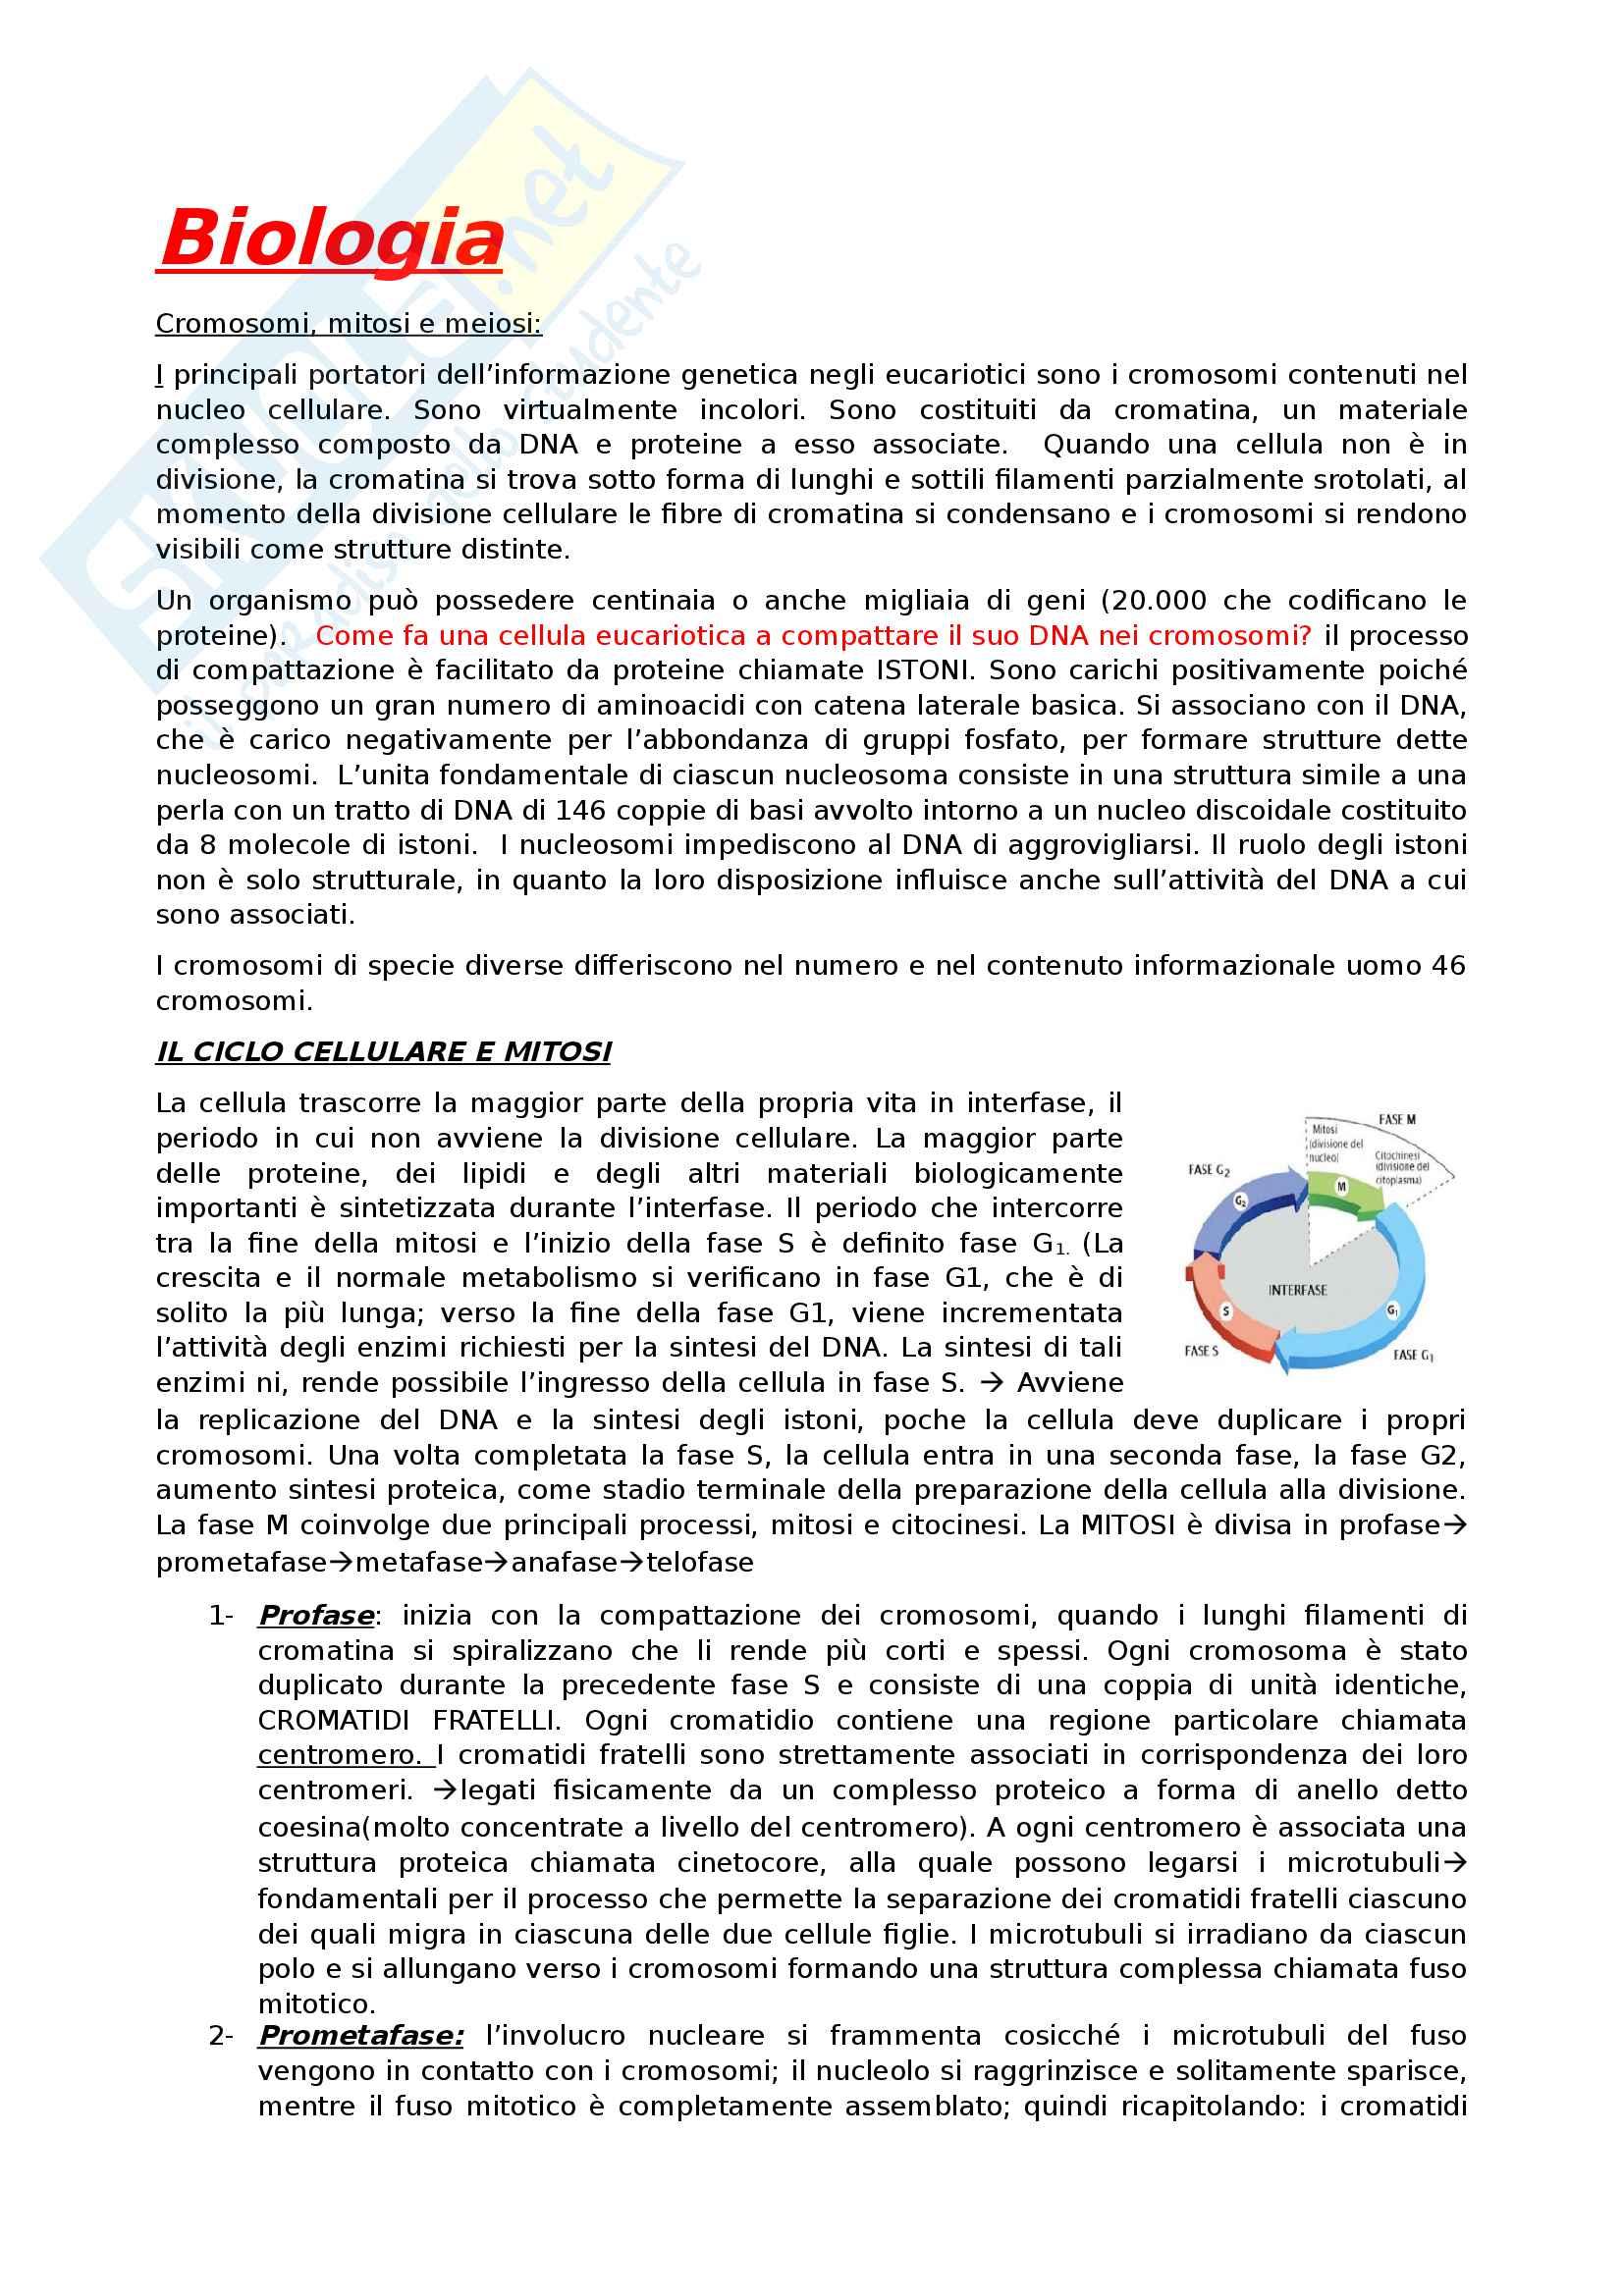 Biologia appunti scritti al pc con foto integrate